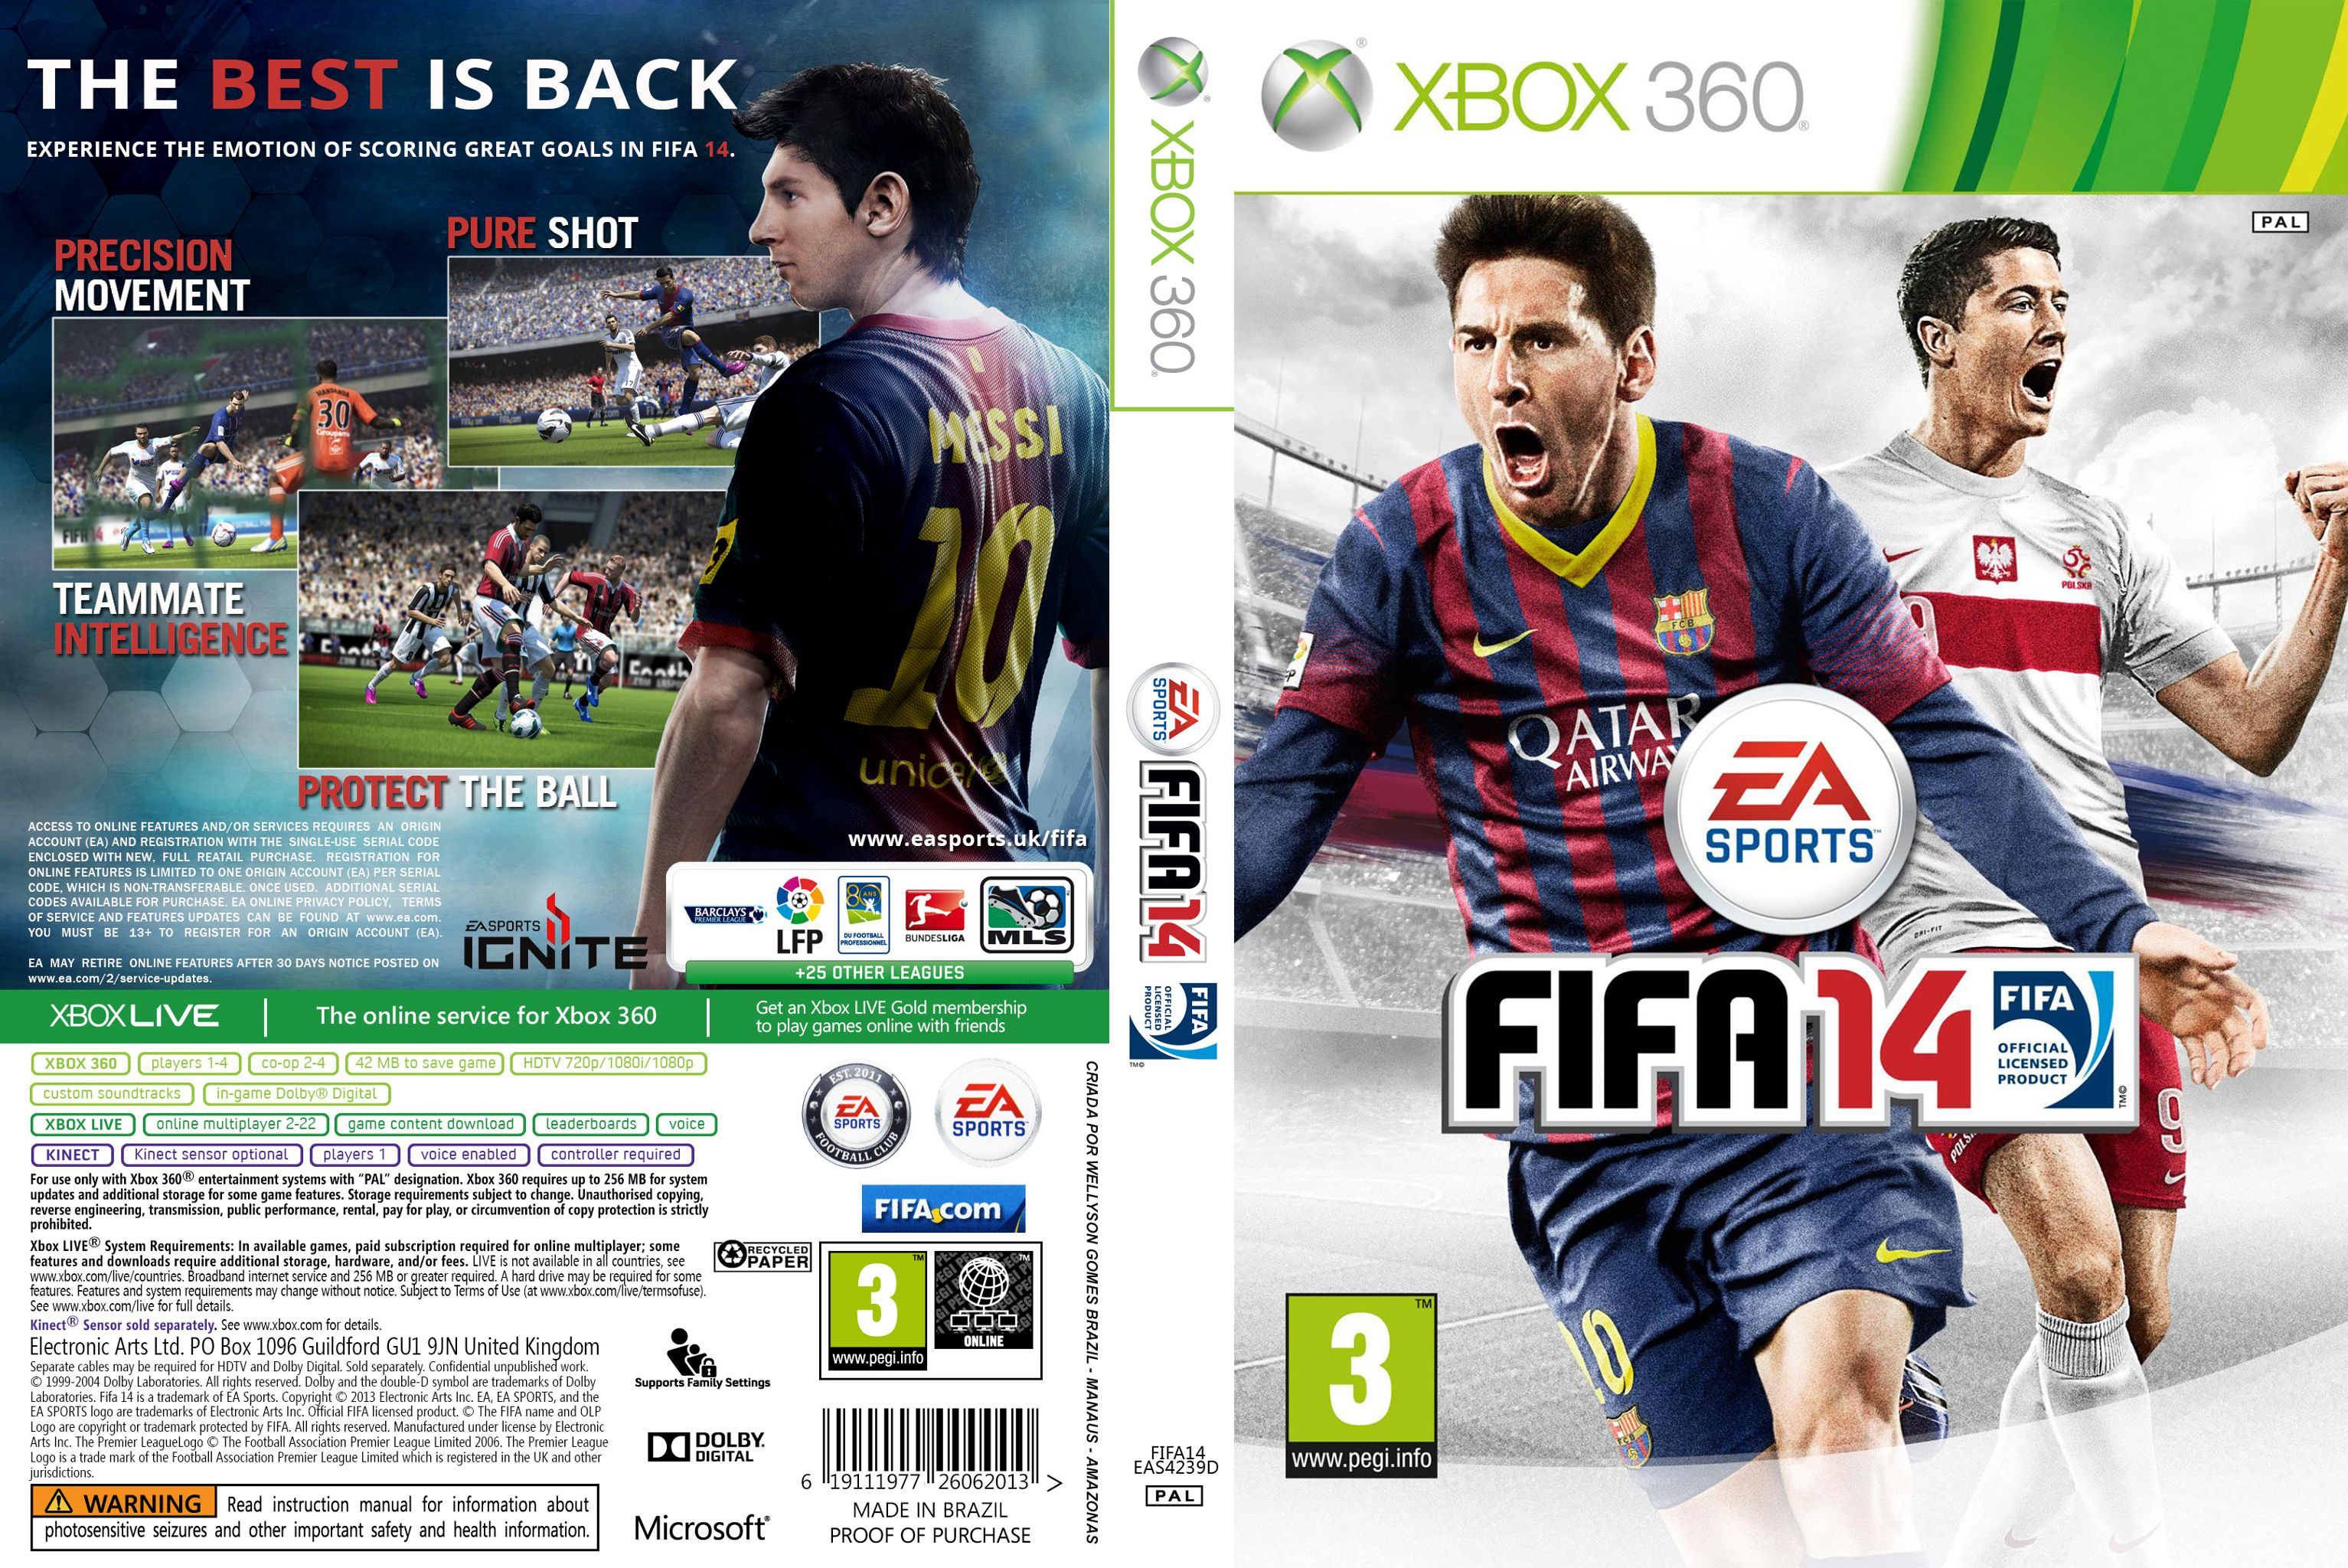 http://4.bp.blogspot.com/-Bnic8W28Ivw/UinYOEHg5GI/AAAAAAAAt-8/egEenzPgq50/s4000/FIFA_14_PAL_DVD_COVERRRRPL1.jpg